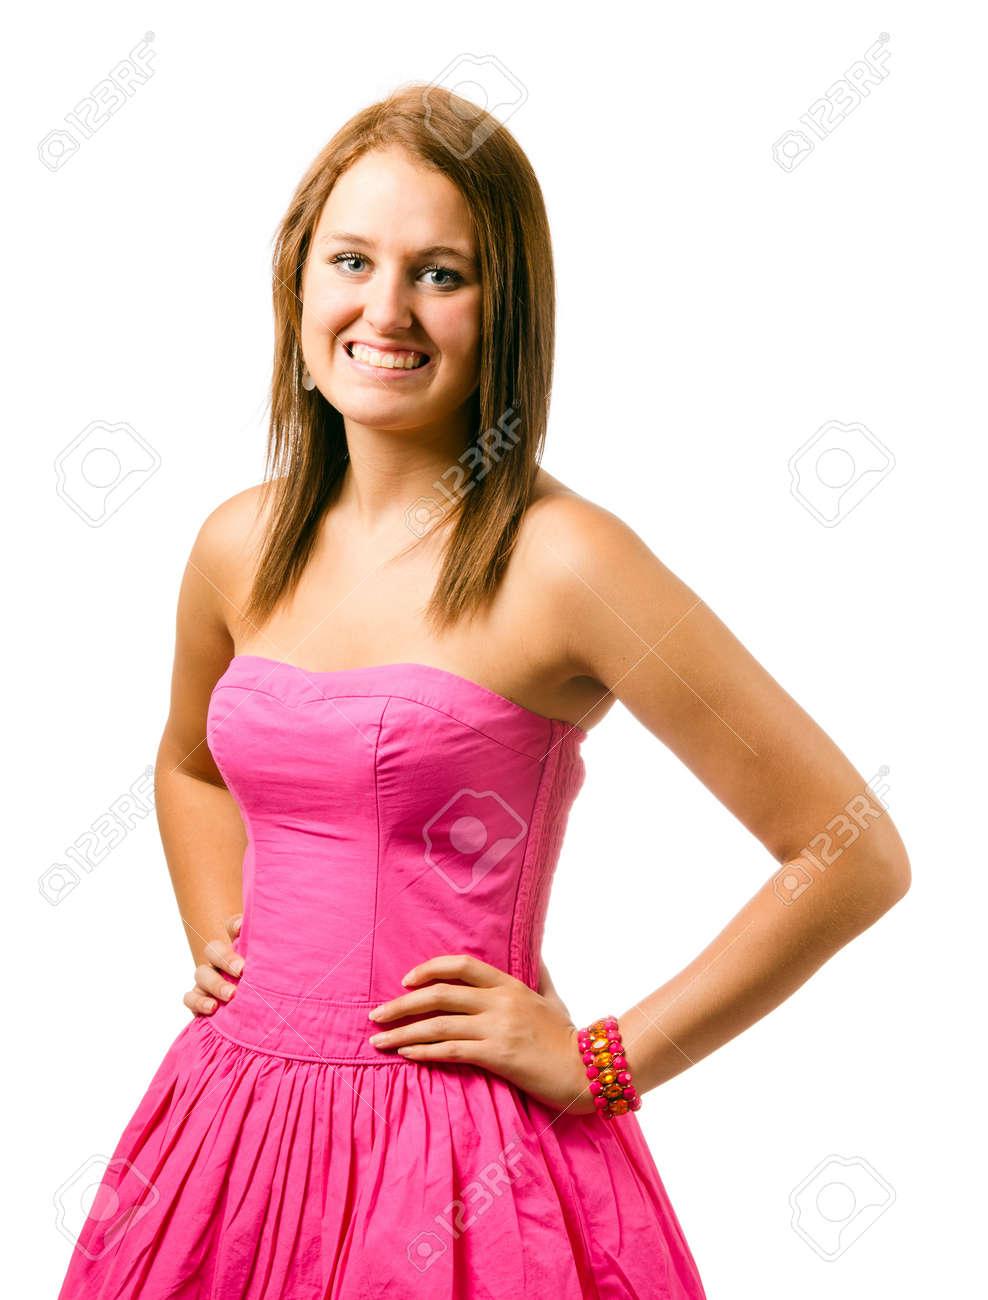 06c4ce4ea435c4 Portret van gelukkige lachende tiener meisje in roze jurk op wit wordt  geïsoleerd Stockfoto - 14337535